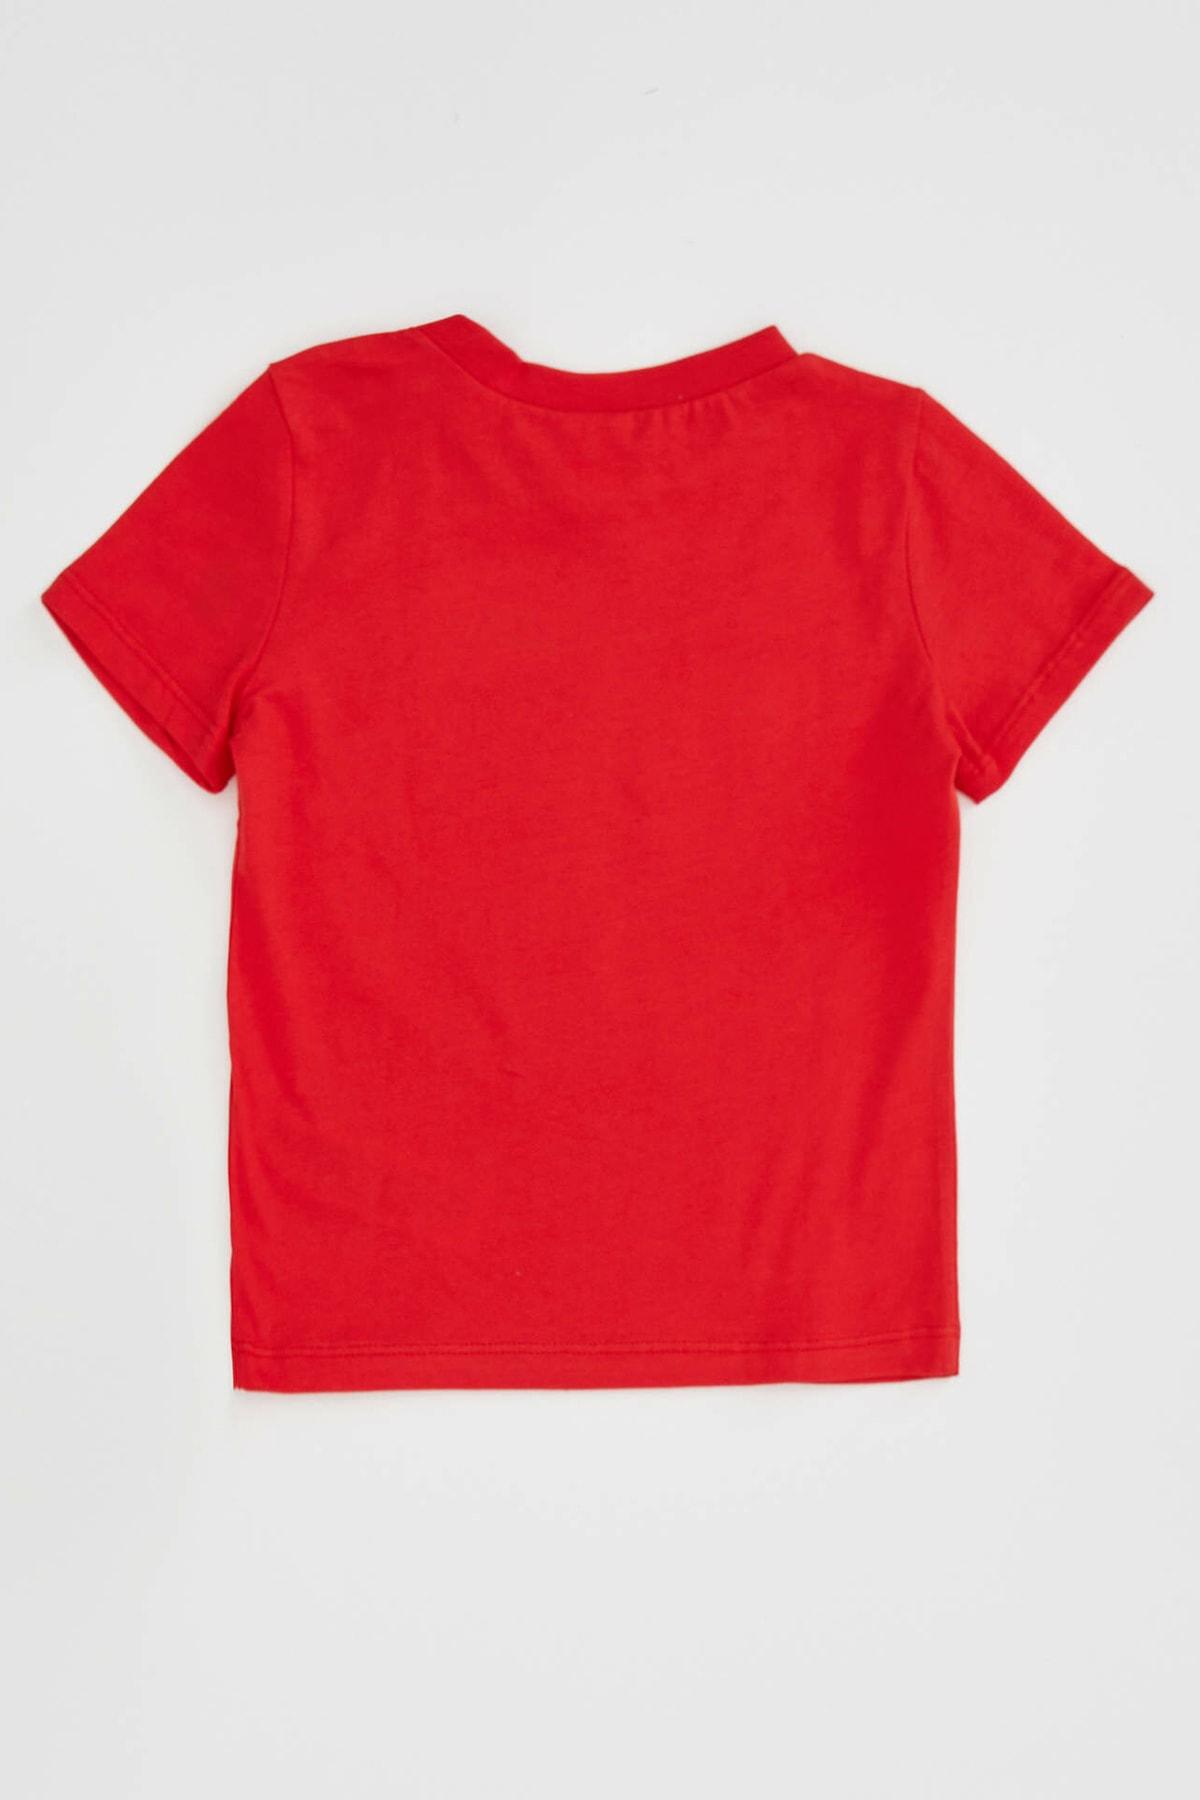 DeFacto Erkek Bebek Kırmızı 23 Nisan Atatürk Baskılı Kısa Kollu T-shirt 2